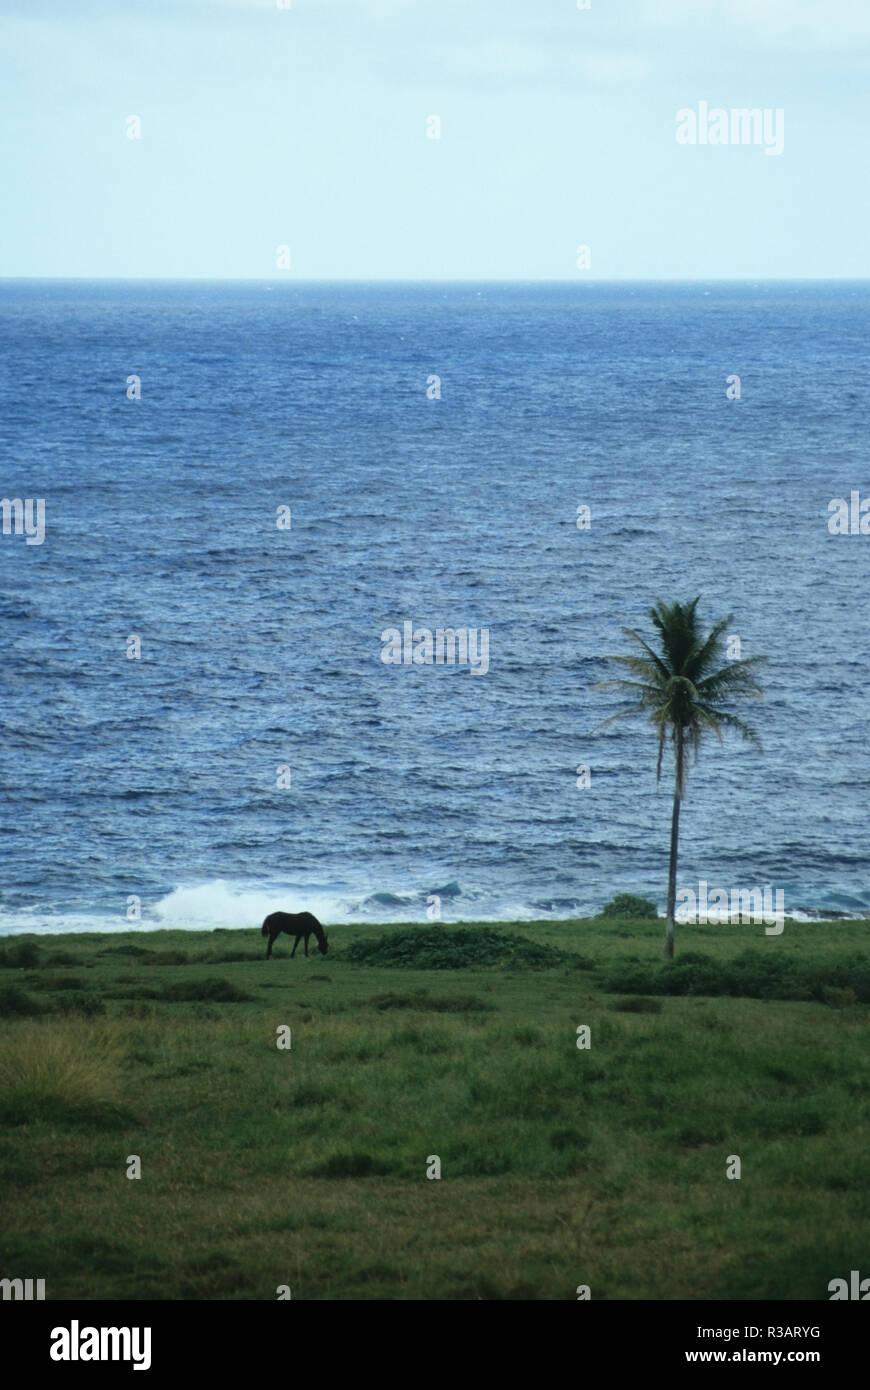 Maui dating sites dating site zeggen Hi